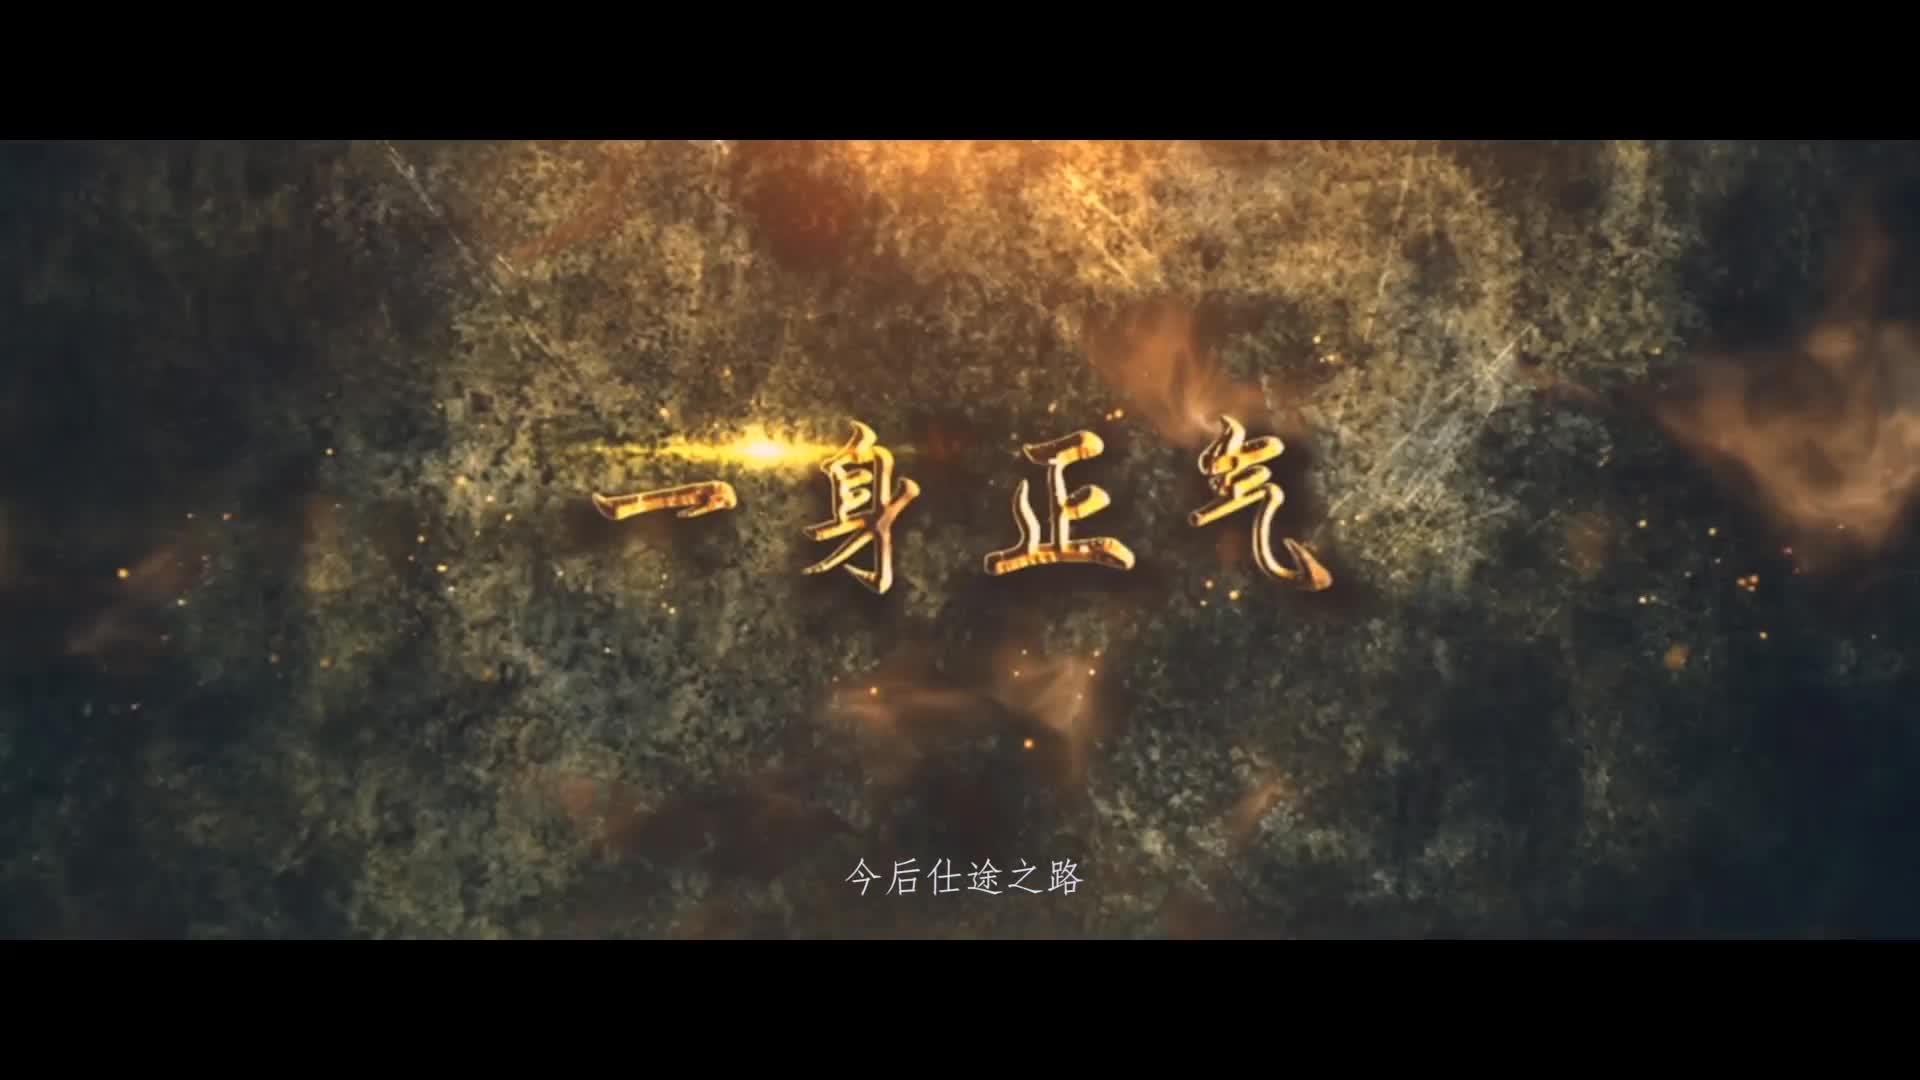 《爱廉说》预告片